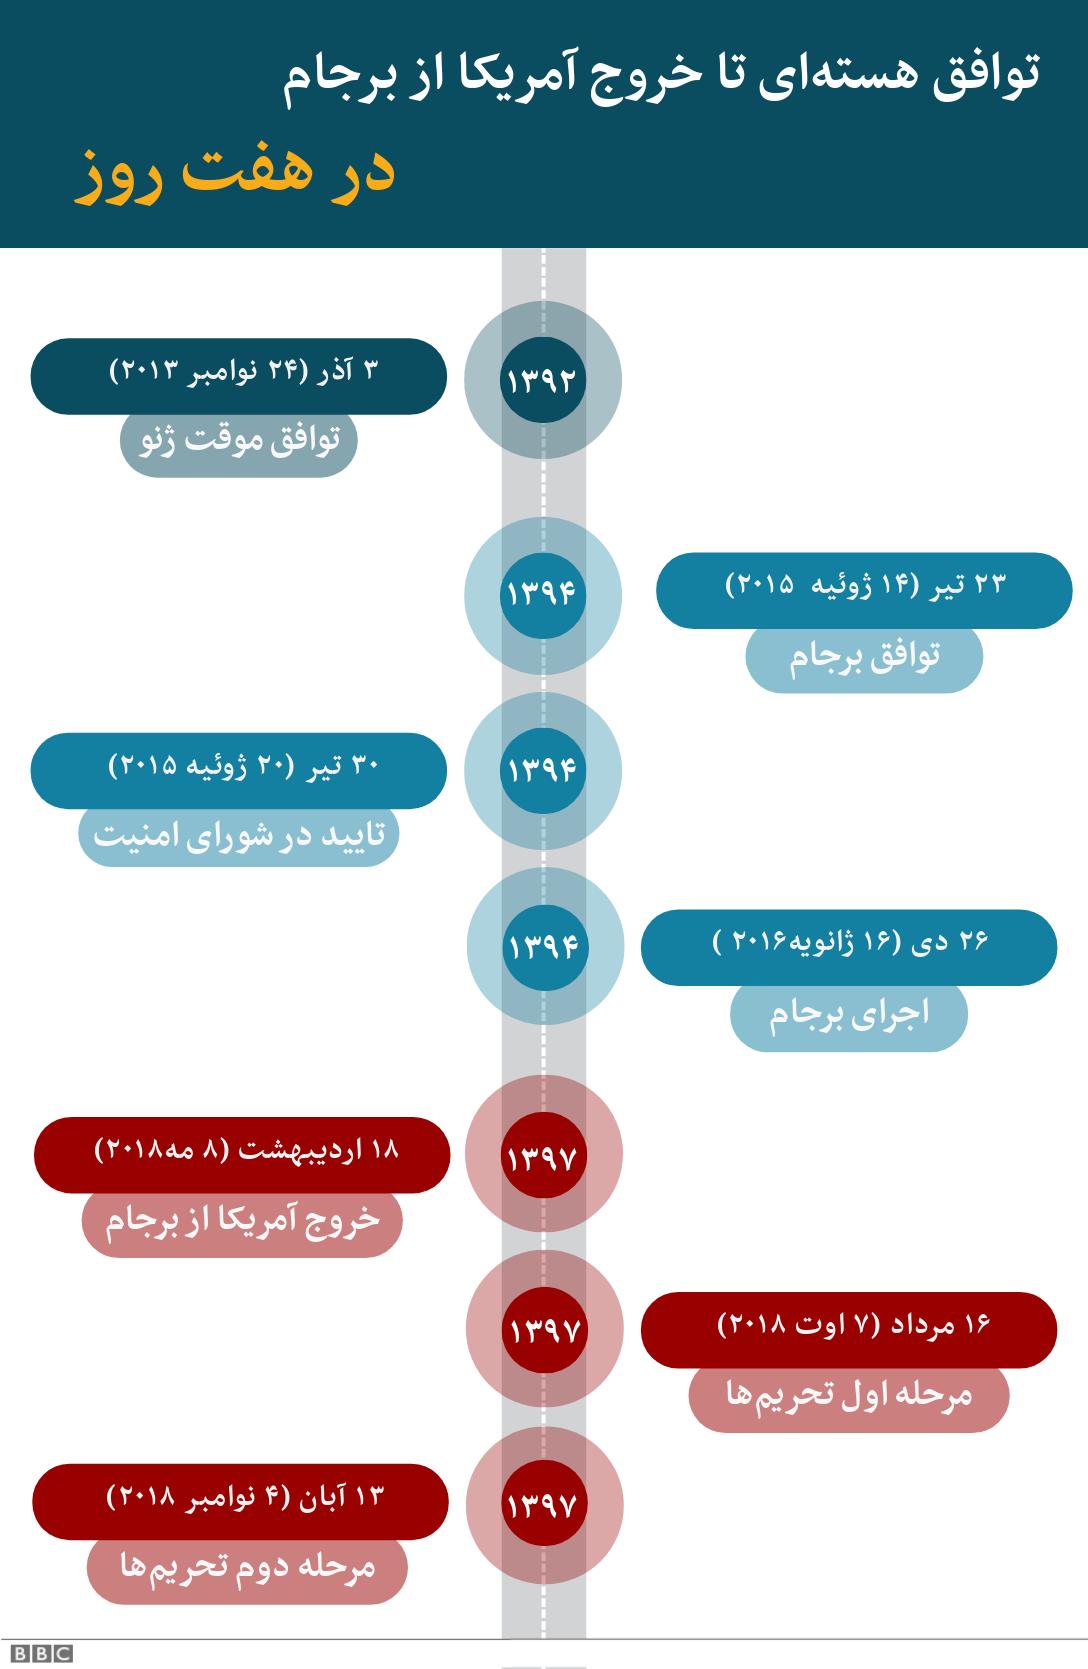 تحریم های ایران